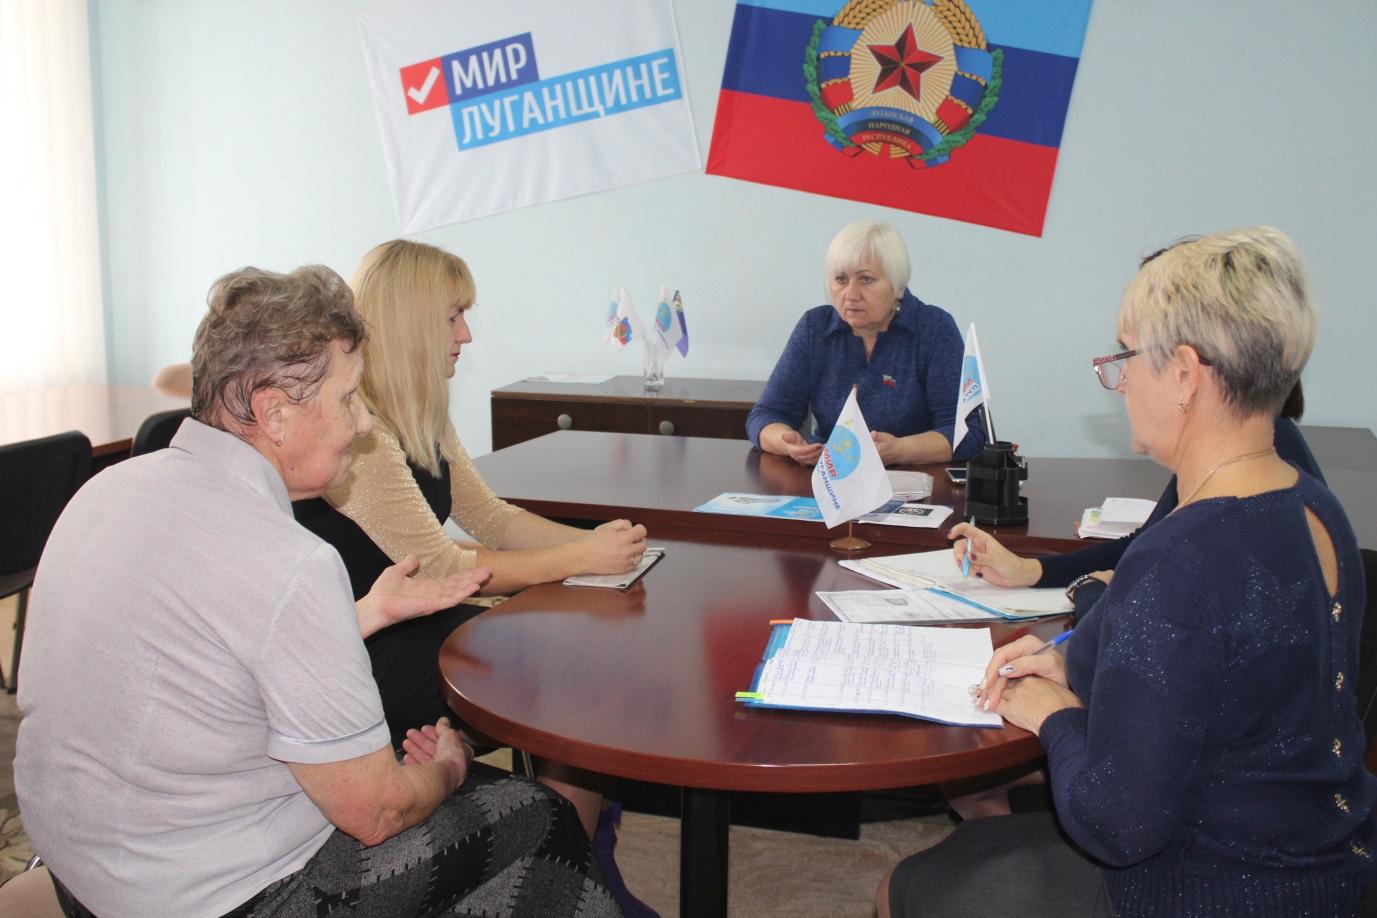 Светлана Гизай провела прием граждан в Славяносербске 1